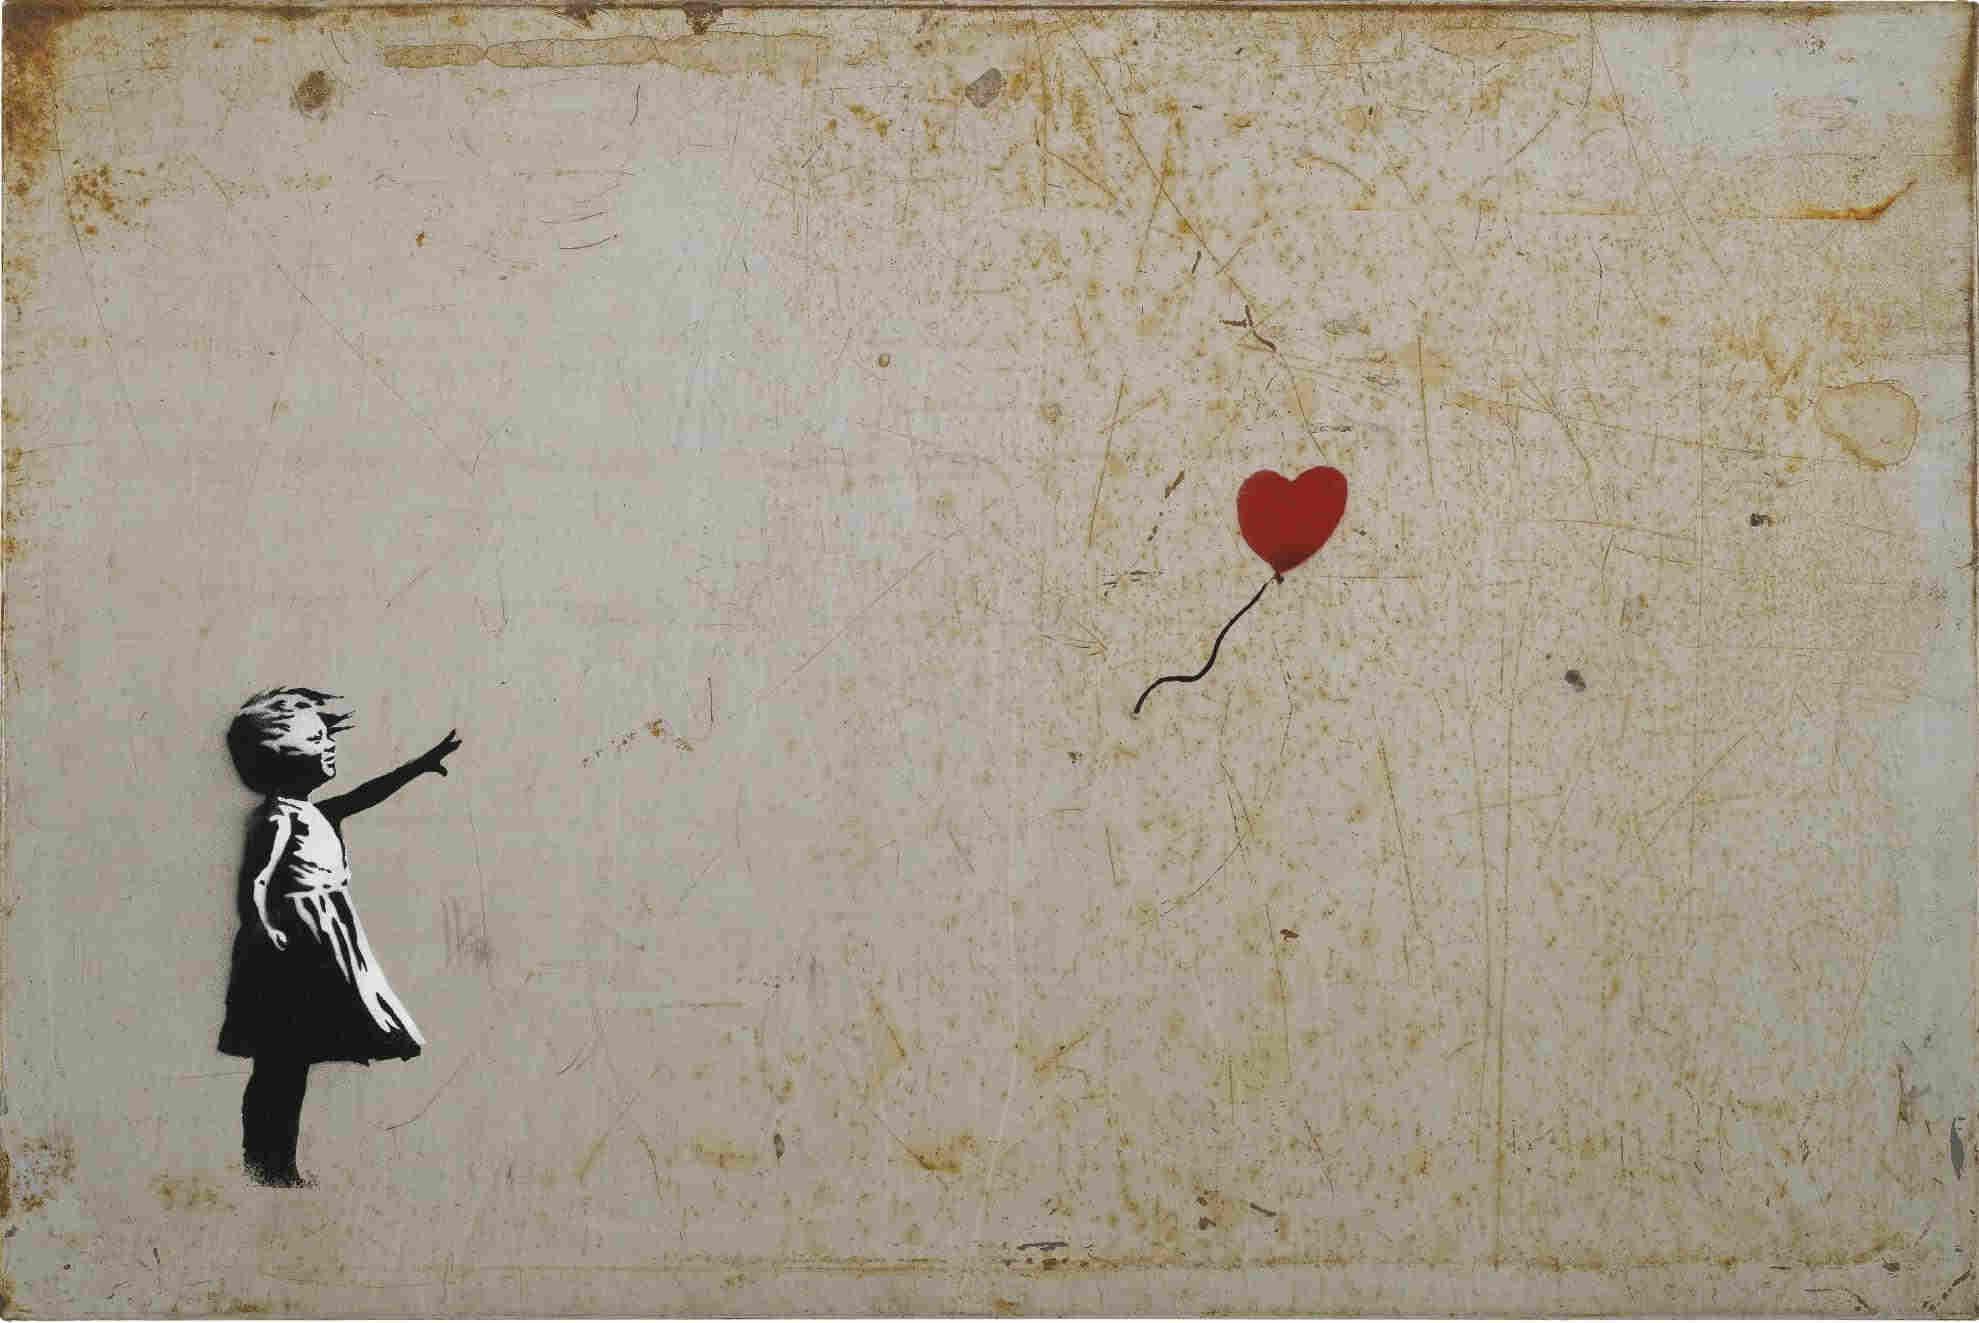 Banksy-Girl and Balloon-2005